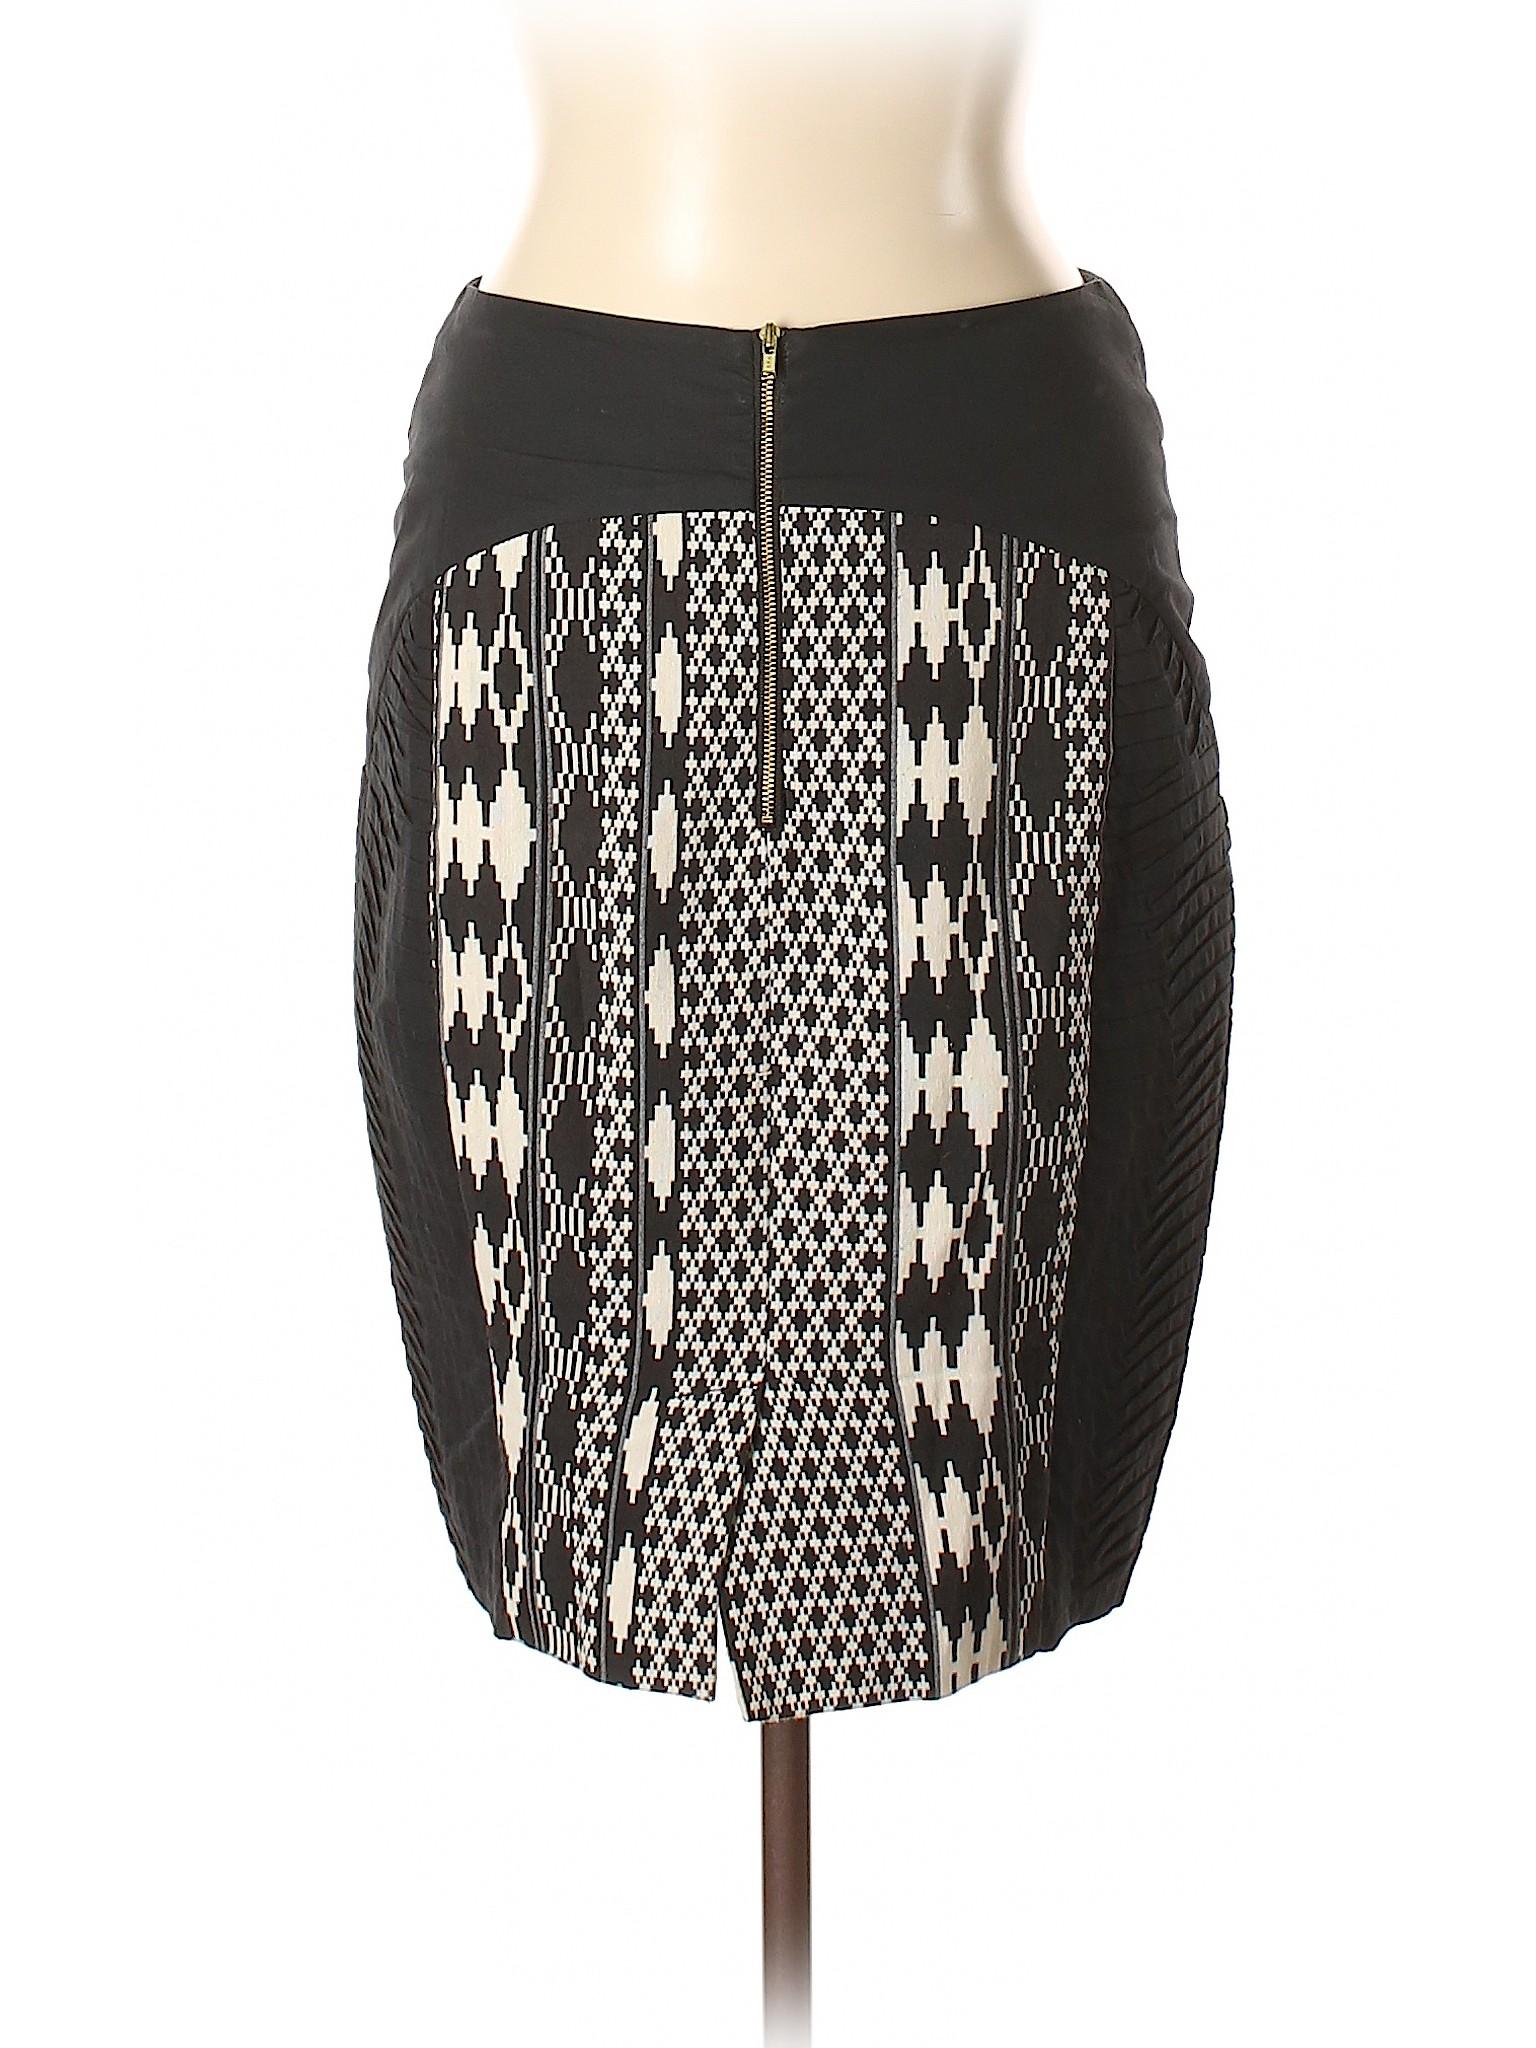 Boutique Boutique Skirt Skirt Boutique Casual Casual Boutique Skirt Casual qandEa